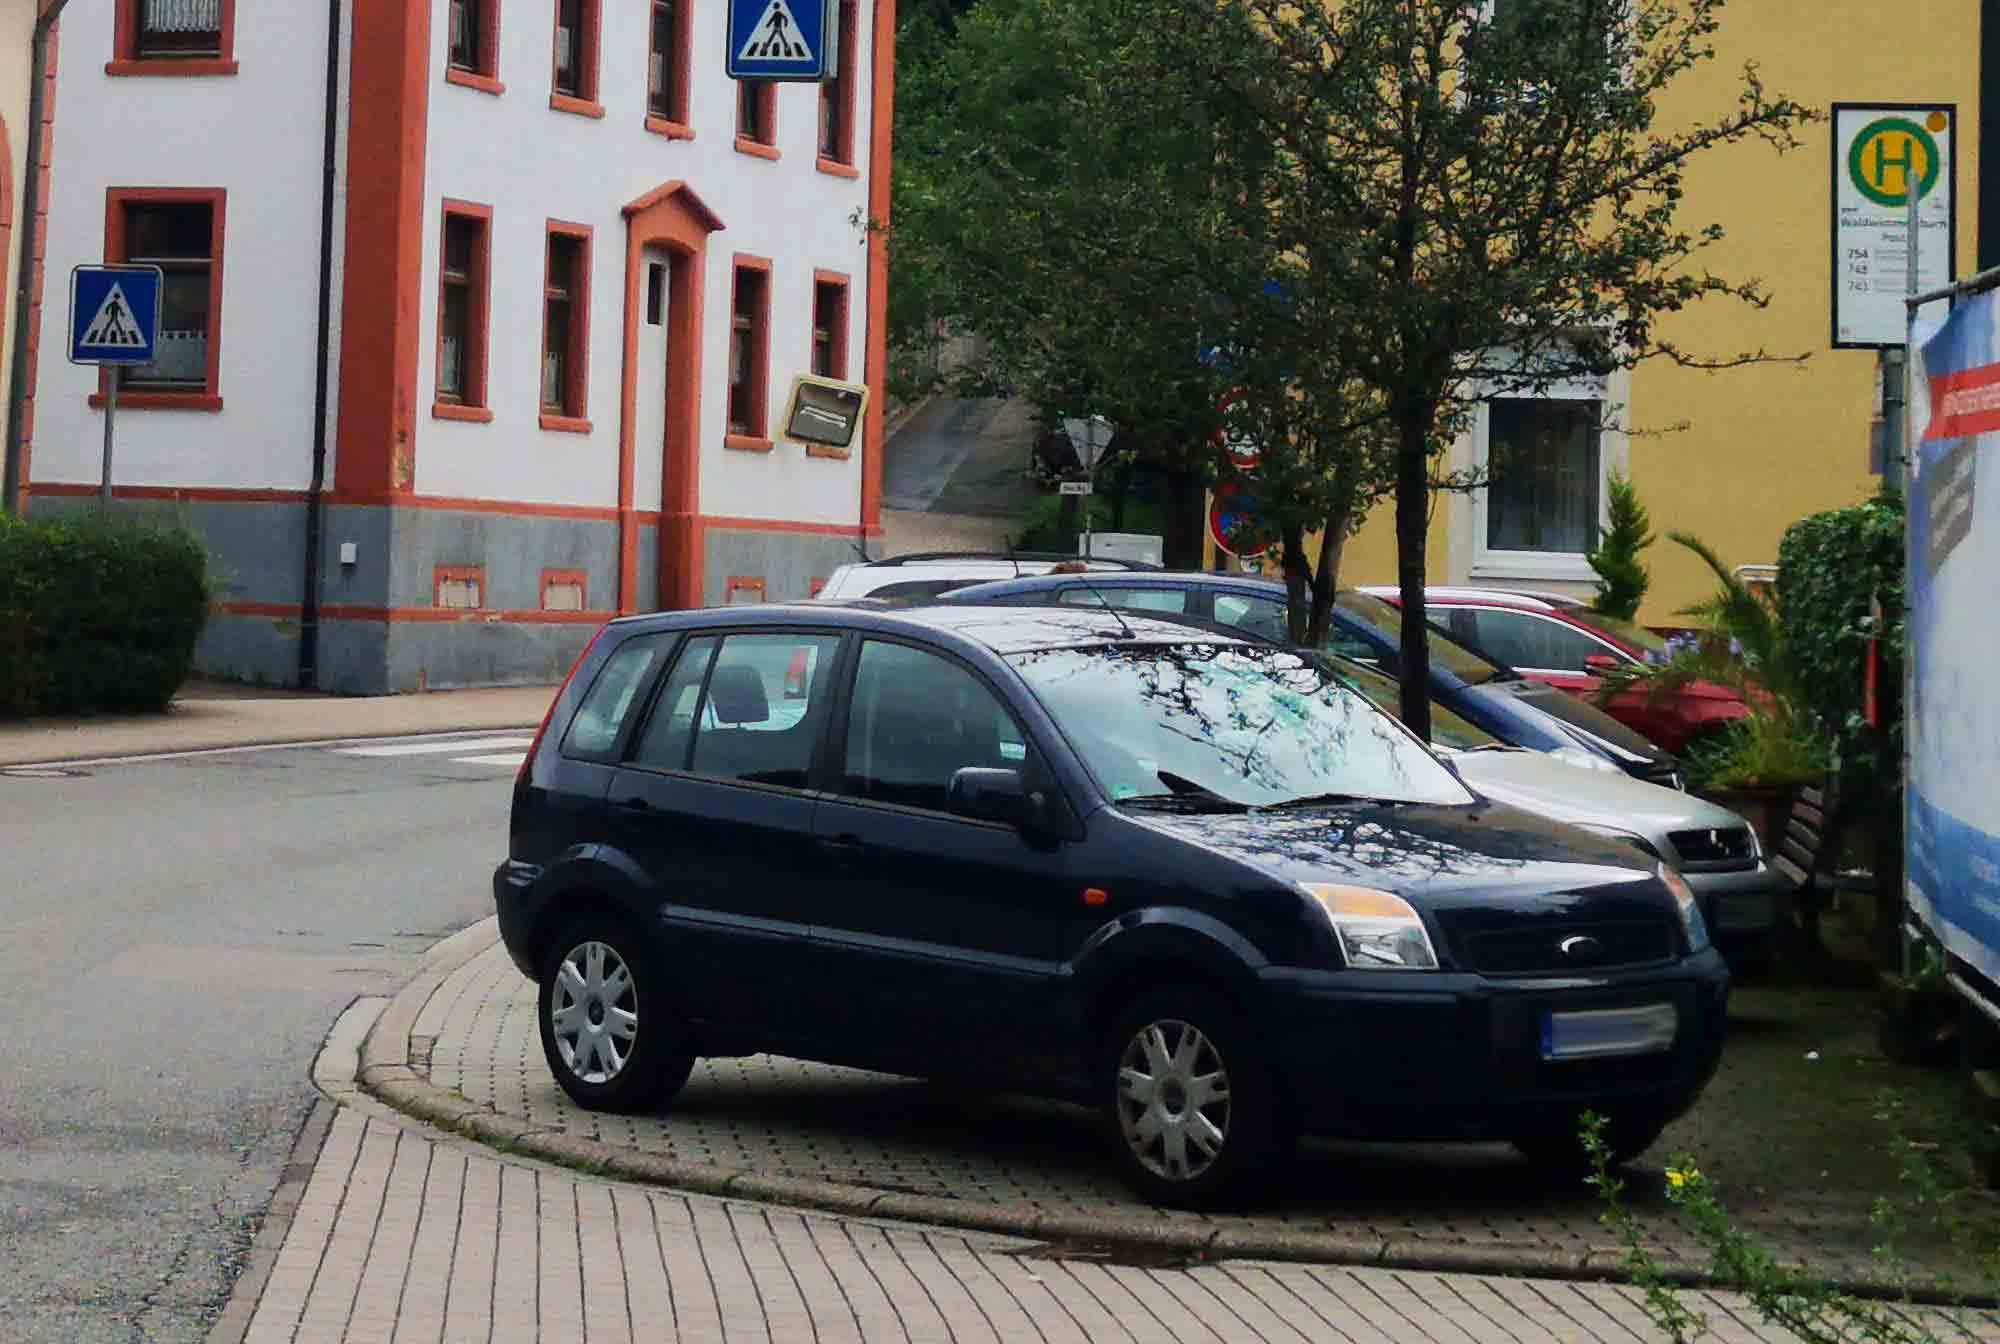 Der Weg zum Fußgängerüberweg ist zugeparkt